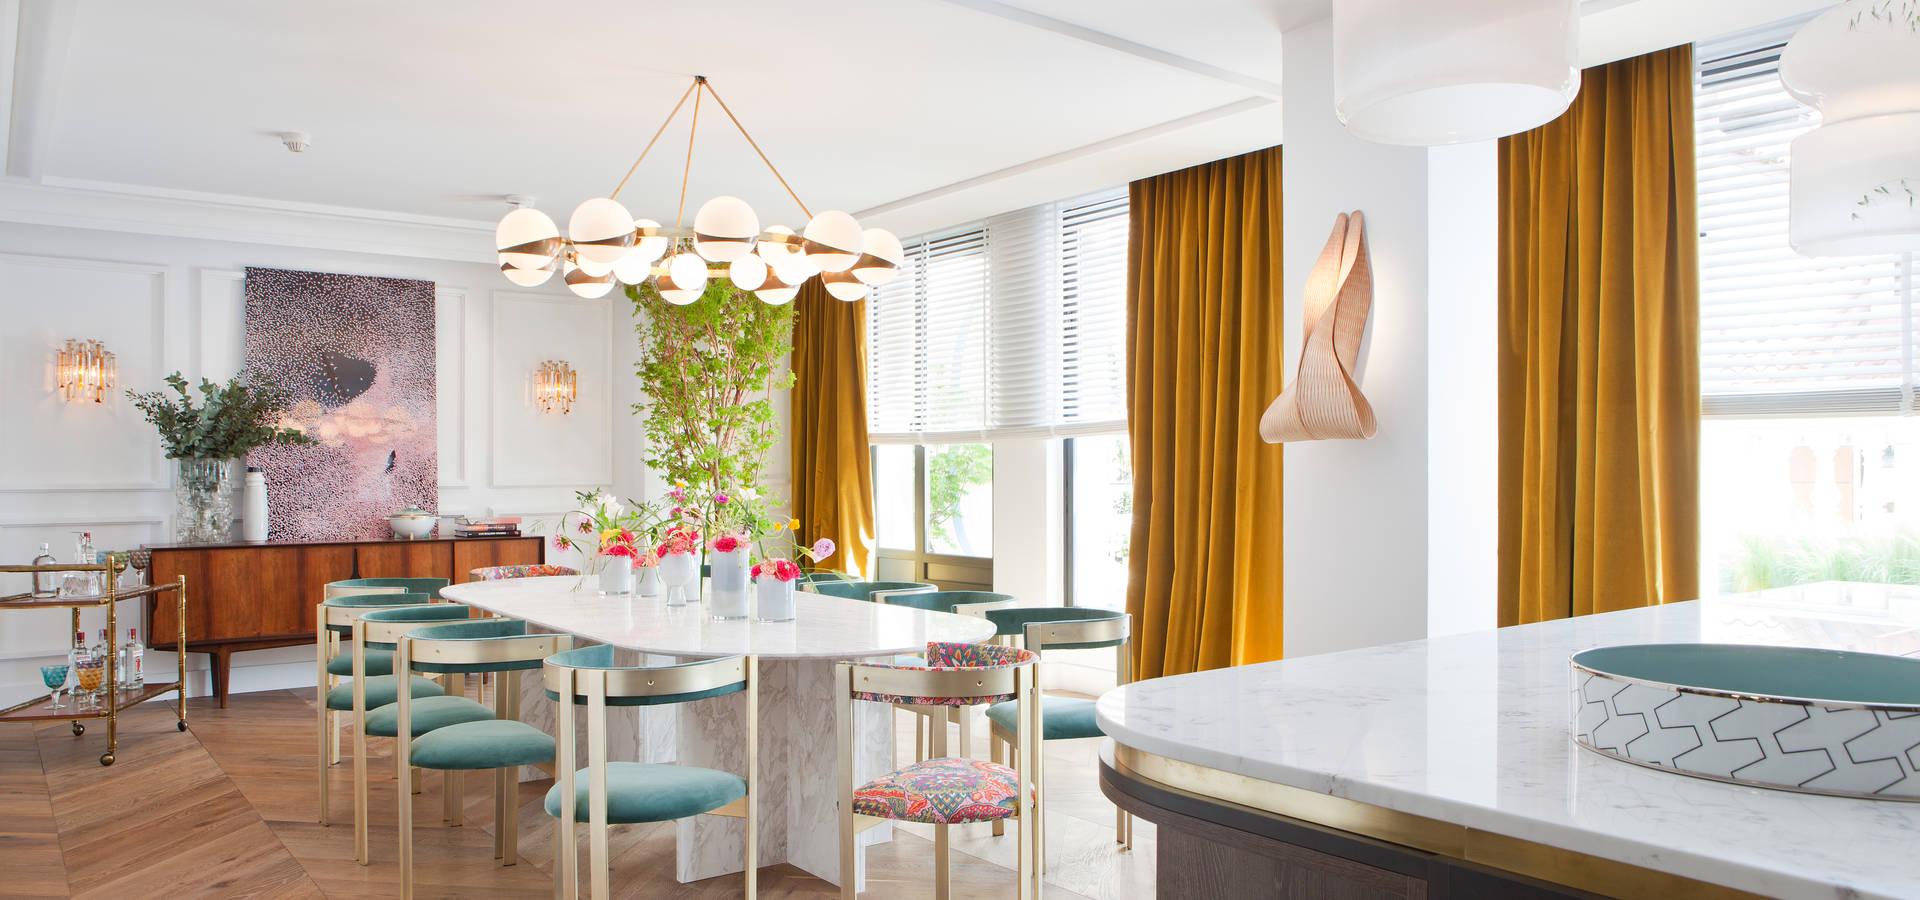 Beatriz silveira batik interiores decoradores y - Decoradores de interiores madrid ...